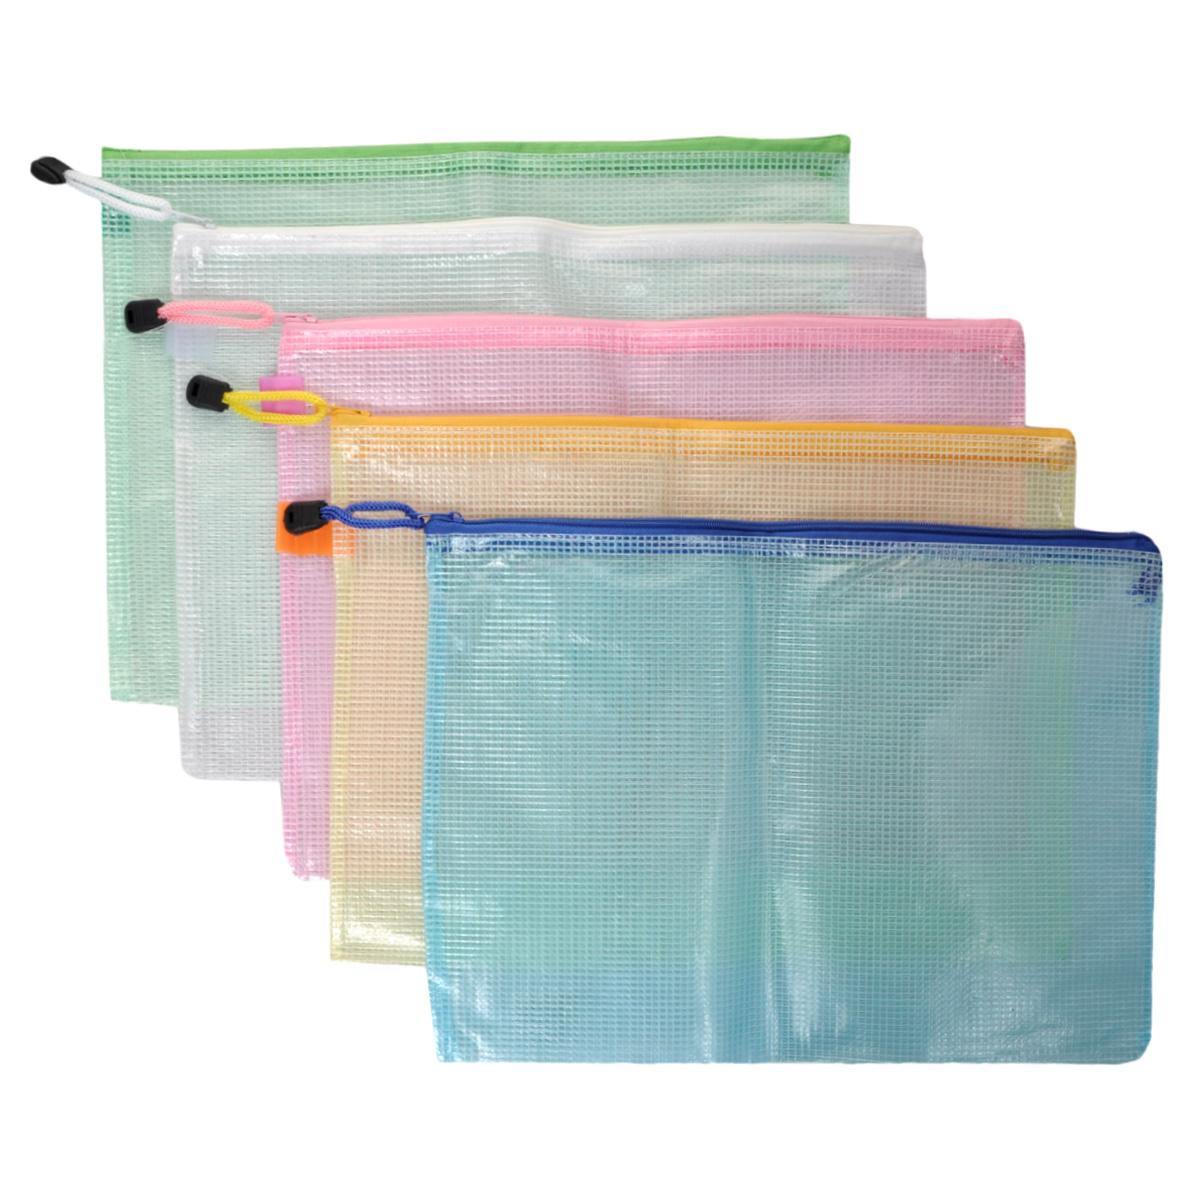 Папка на молнии Centrum, цвет: зеленый, белый, розовый, желтый, голубой. Формат А4, 5 шт80033ООригинальная папка Centrum - это удобный и функциональный инструмент, который идеально подойдет для хранения различных бумаг и документов формата А4, а также письменных принадлежностей.Папка изготовлена из прочного армированного ПВХ и надежно закрывается на застежку-молнию.Для облегчения хранения и транспортировки папка снабжена шнурком с пластиковым ограничителем.Комплект включает в себя 5 папок зеленого, белого, розового, желтого и голубого цветов.Такая папка практична в использовании и надежно сохранит ваши бумаги, сбережет их от повреждений, пыли и влаги.